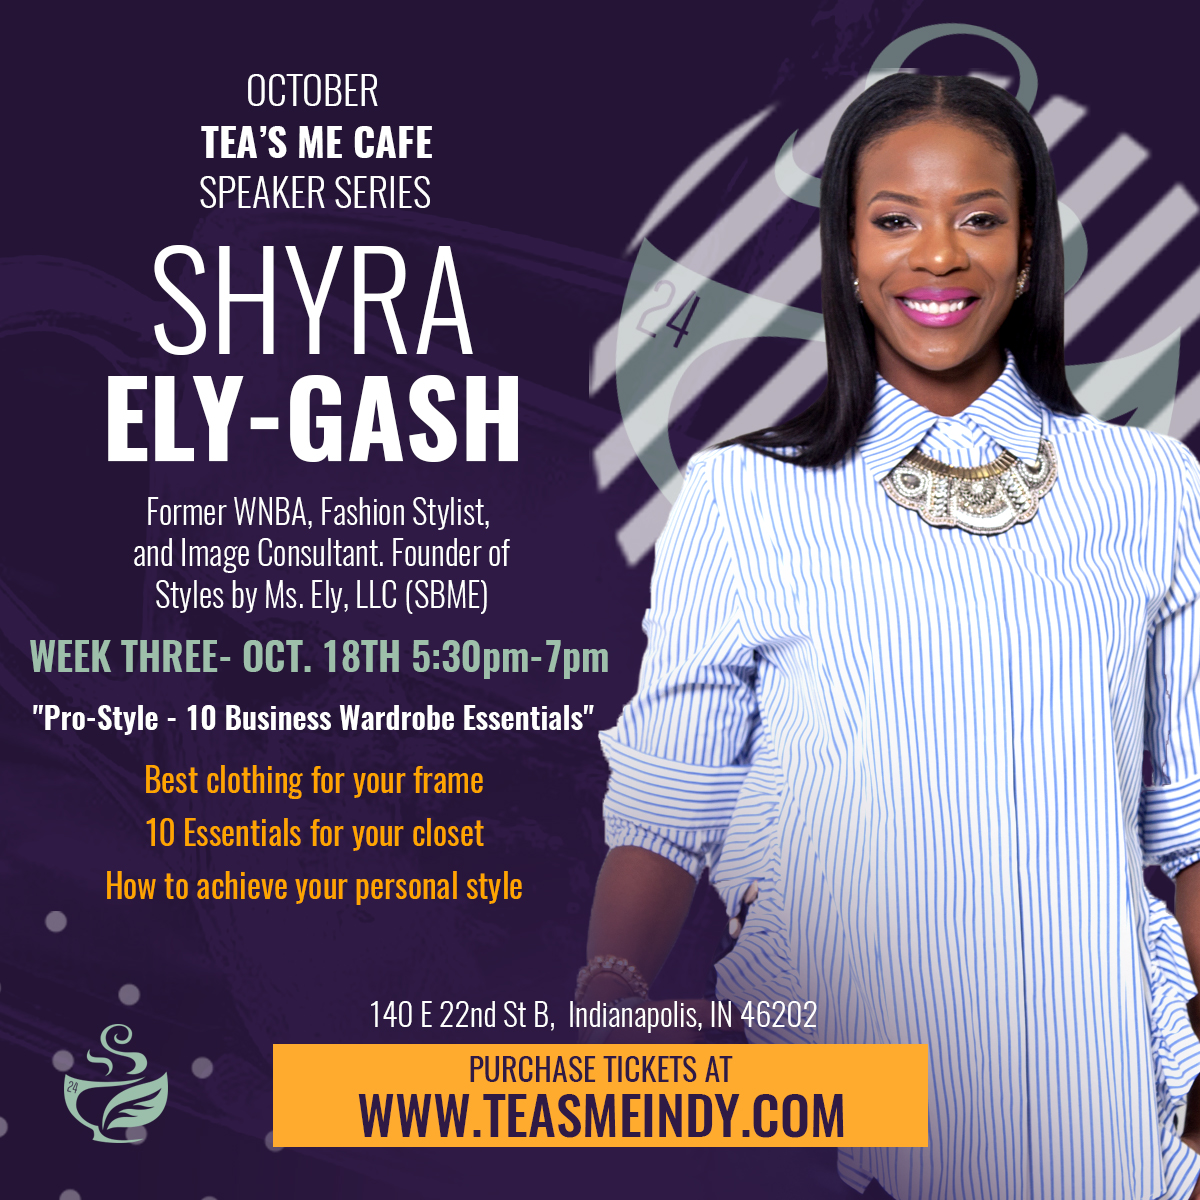 Shyra Ely-Gash